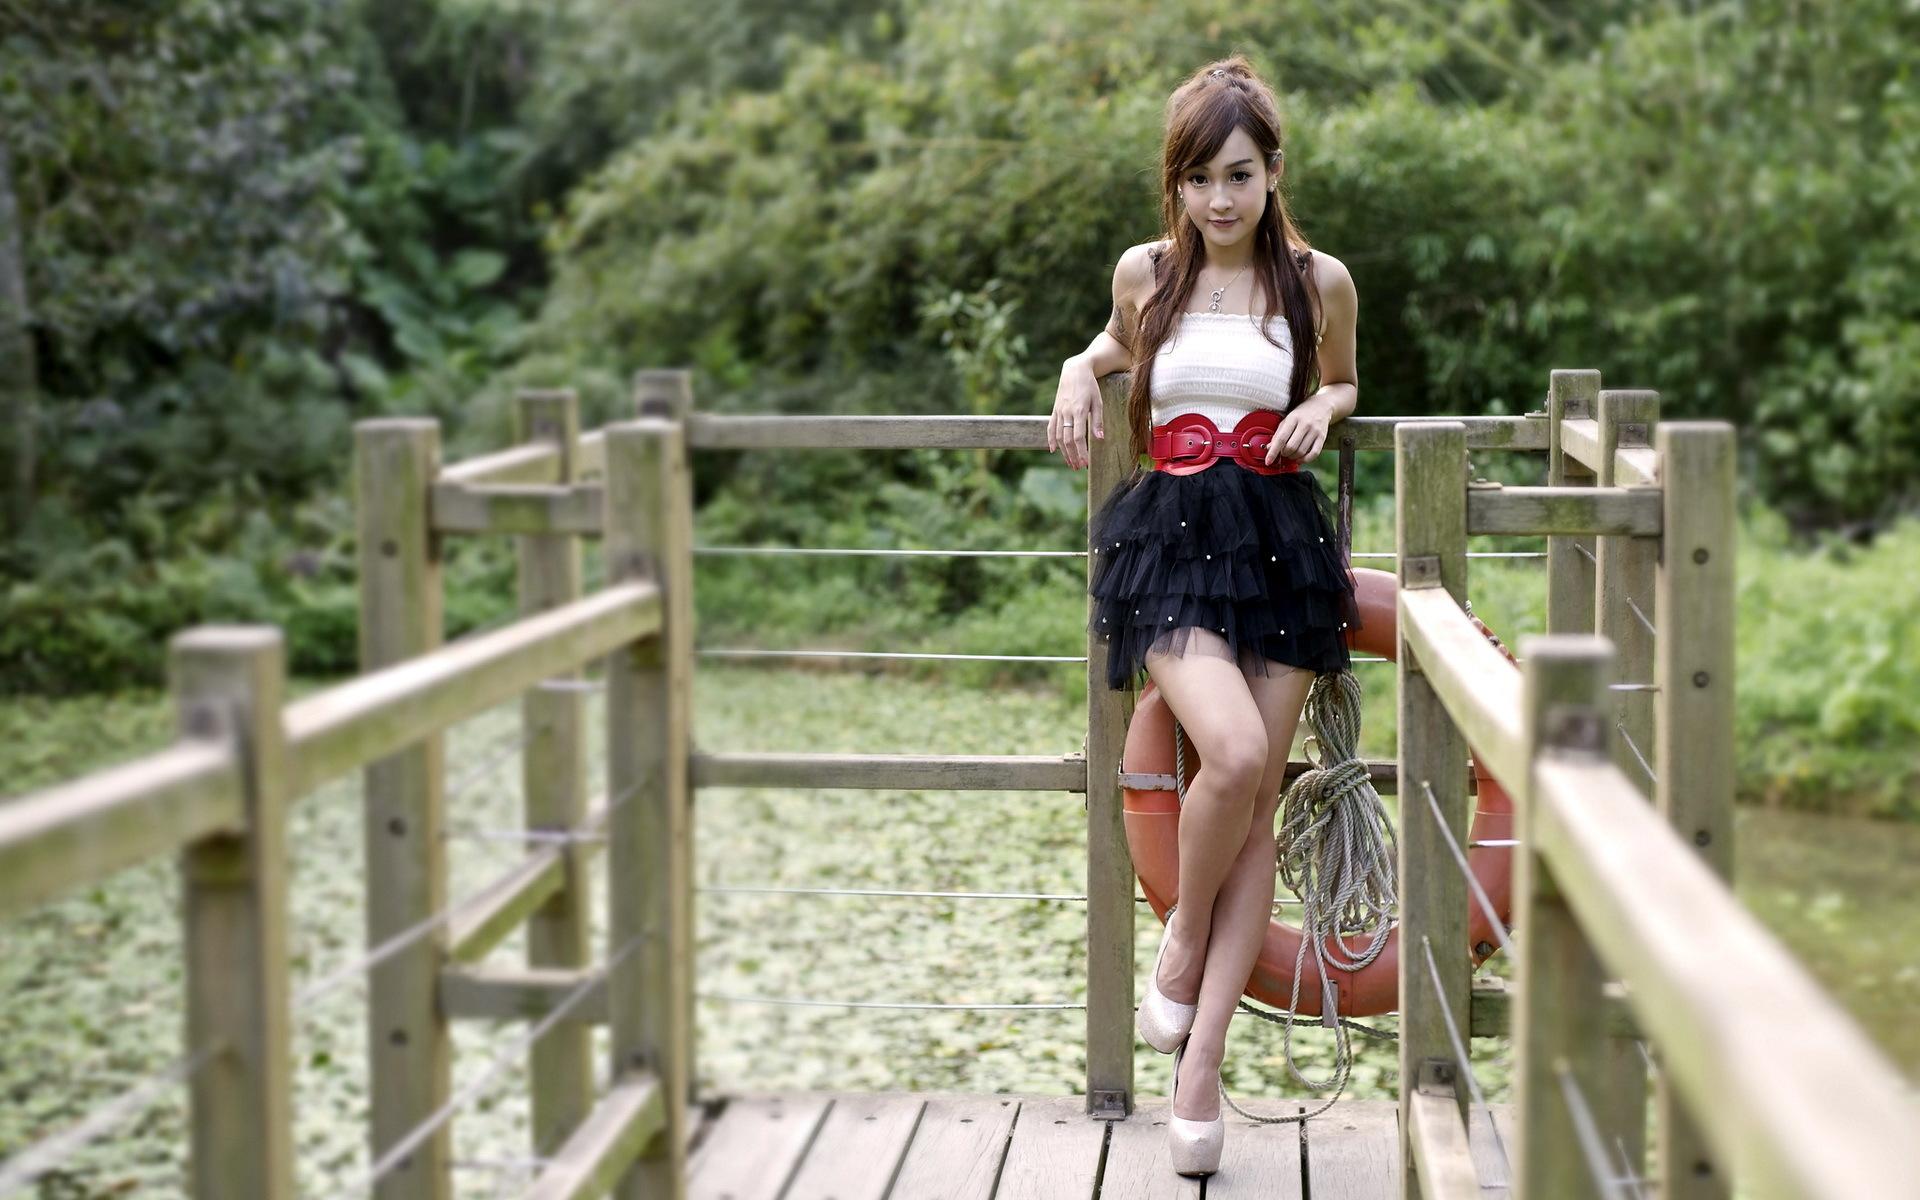 девушка мост зон дома  № 3575313 без смс